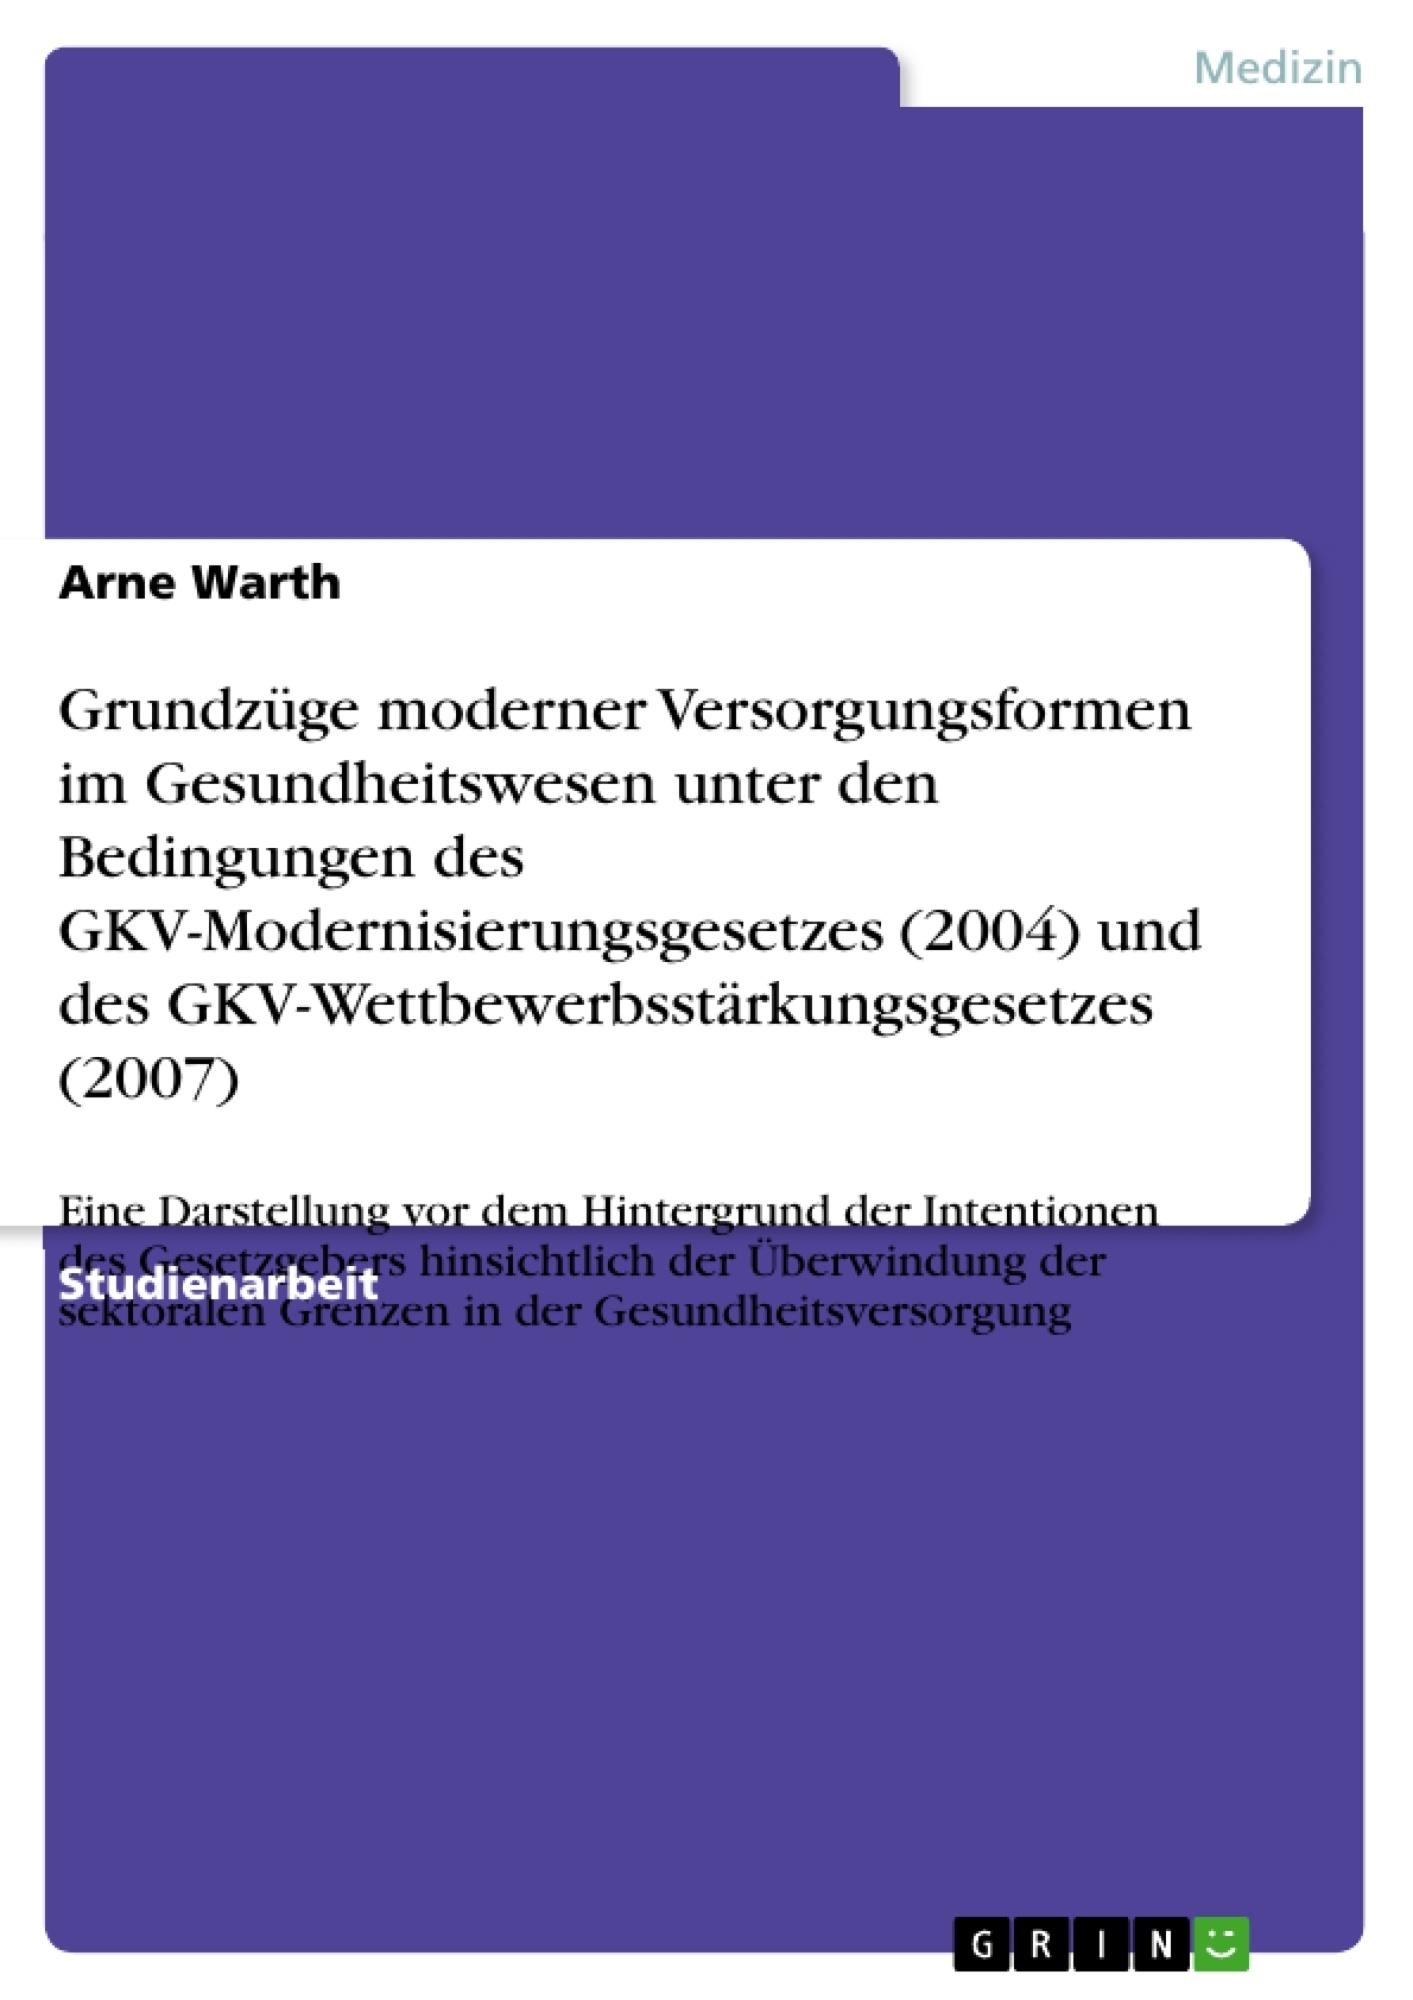 Titel: Grundzüge moderner Versorgungsformen im Gesundheitswesen unter den Bedingungen des GKV-Modernisierungsgesetzes (2004) und des GKV-Wettbewerbsstärkungsgesetzes (2007)